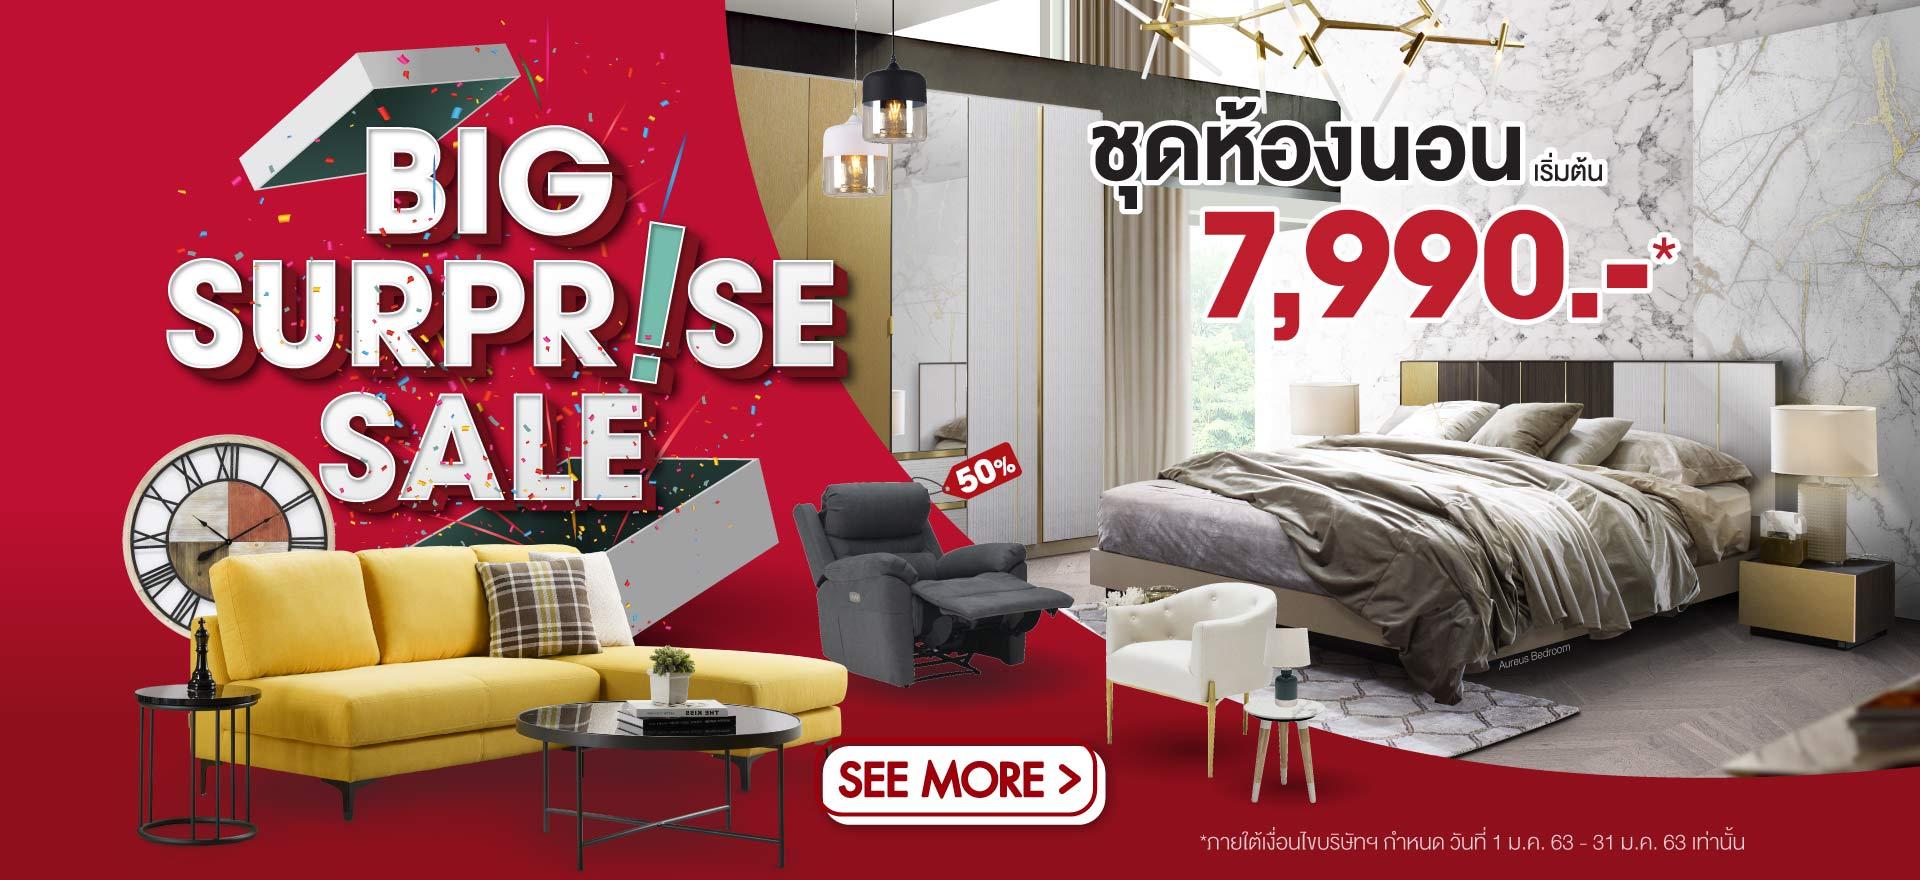 เติมเต็มบ้านให้สวยโดนใจ ไปกับ SB Design Square Big Surprise Sale